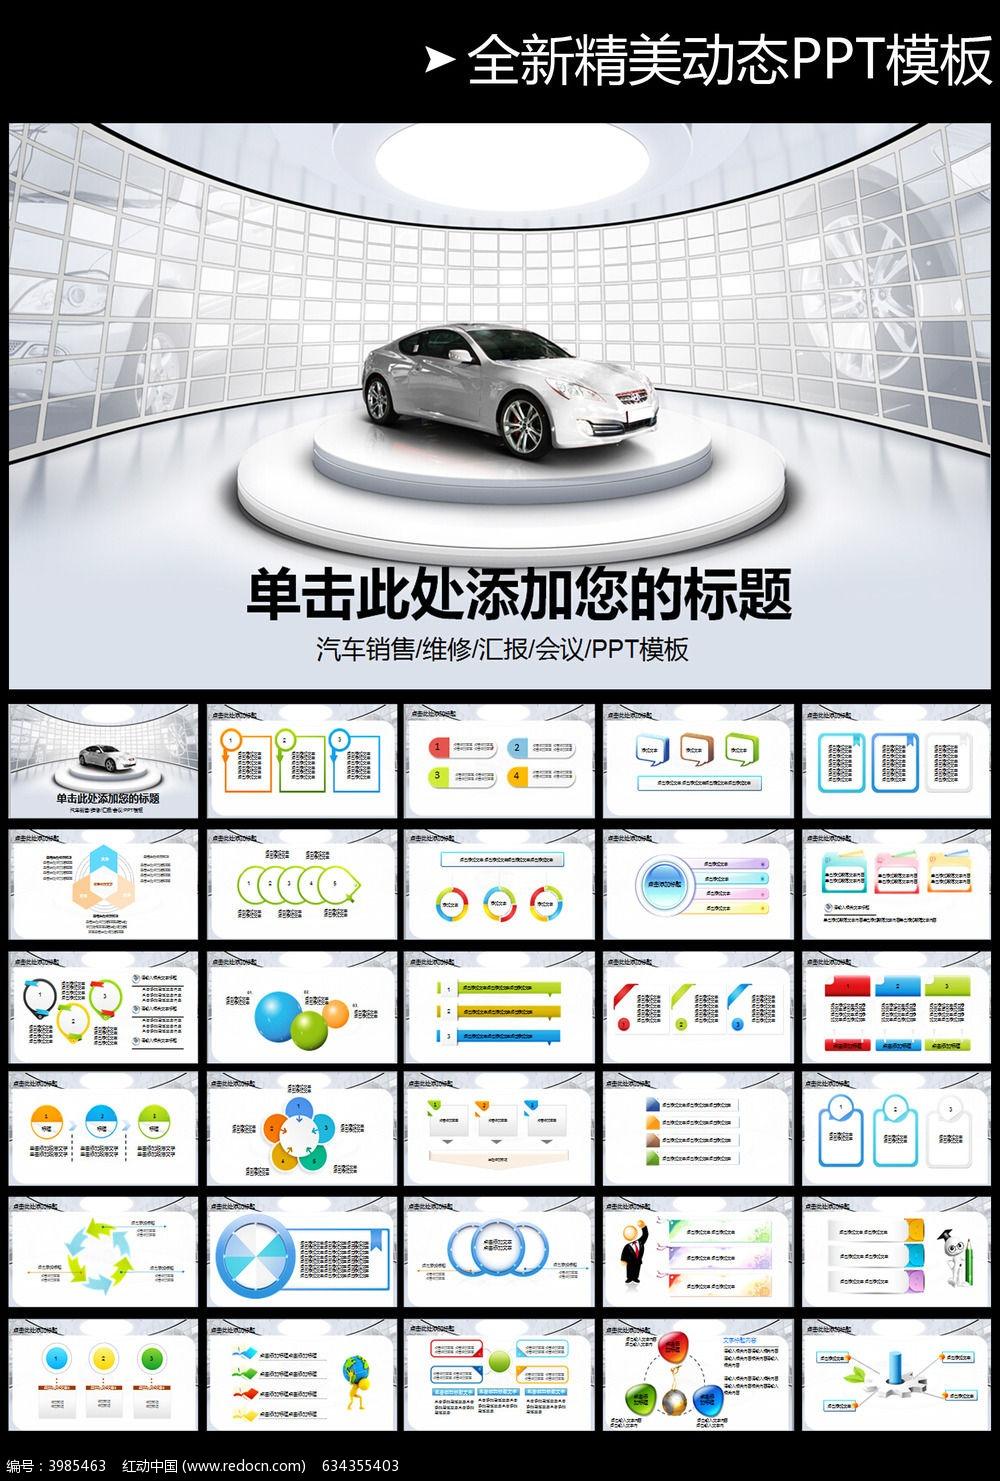 标签:本田 汽车 4S店 维修 养护 轮胎 销售 PPT PPT模板 PPT图表 动高清图片